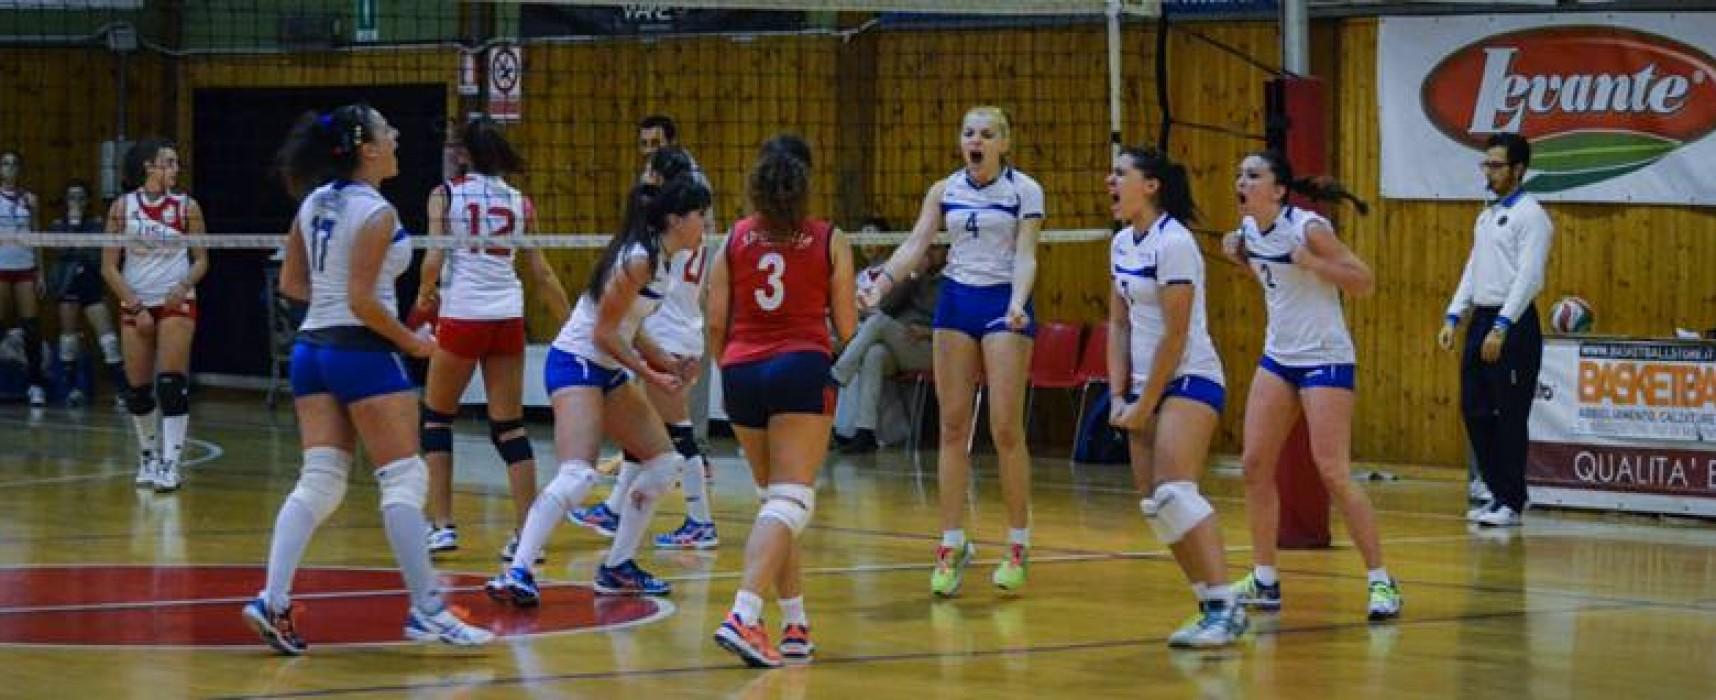 Sportilia da urlo, 3-0 ad Andria!